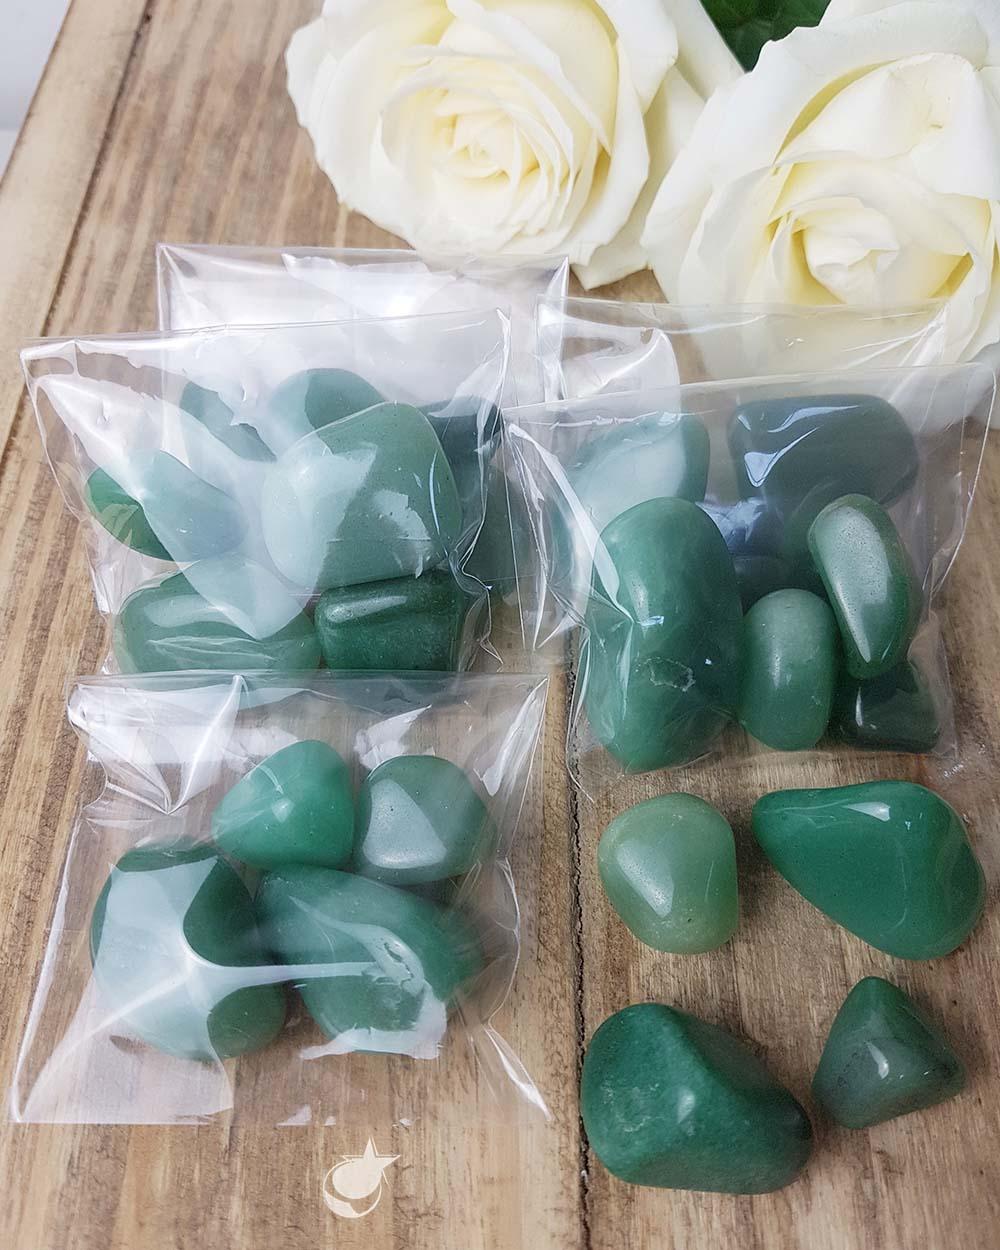 QUARTZO VERDE ROLADO - PACOTE COM 50g (4 pedras)